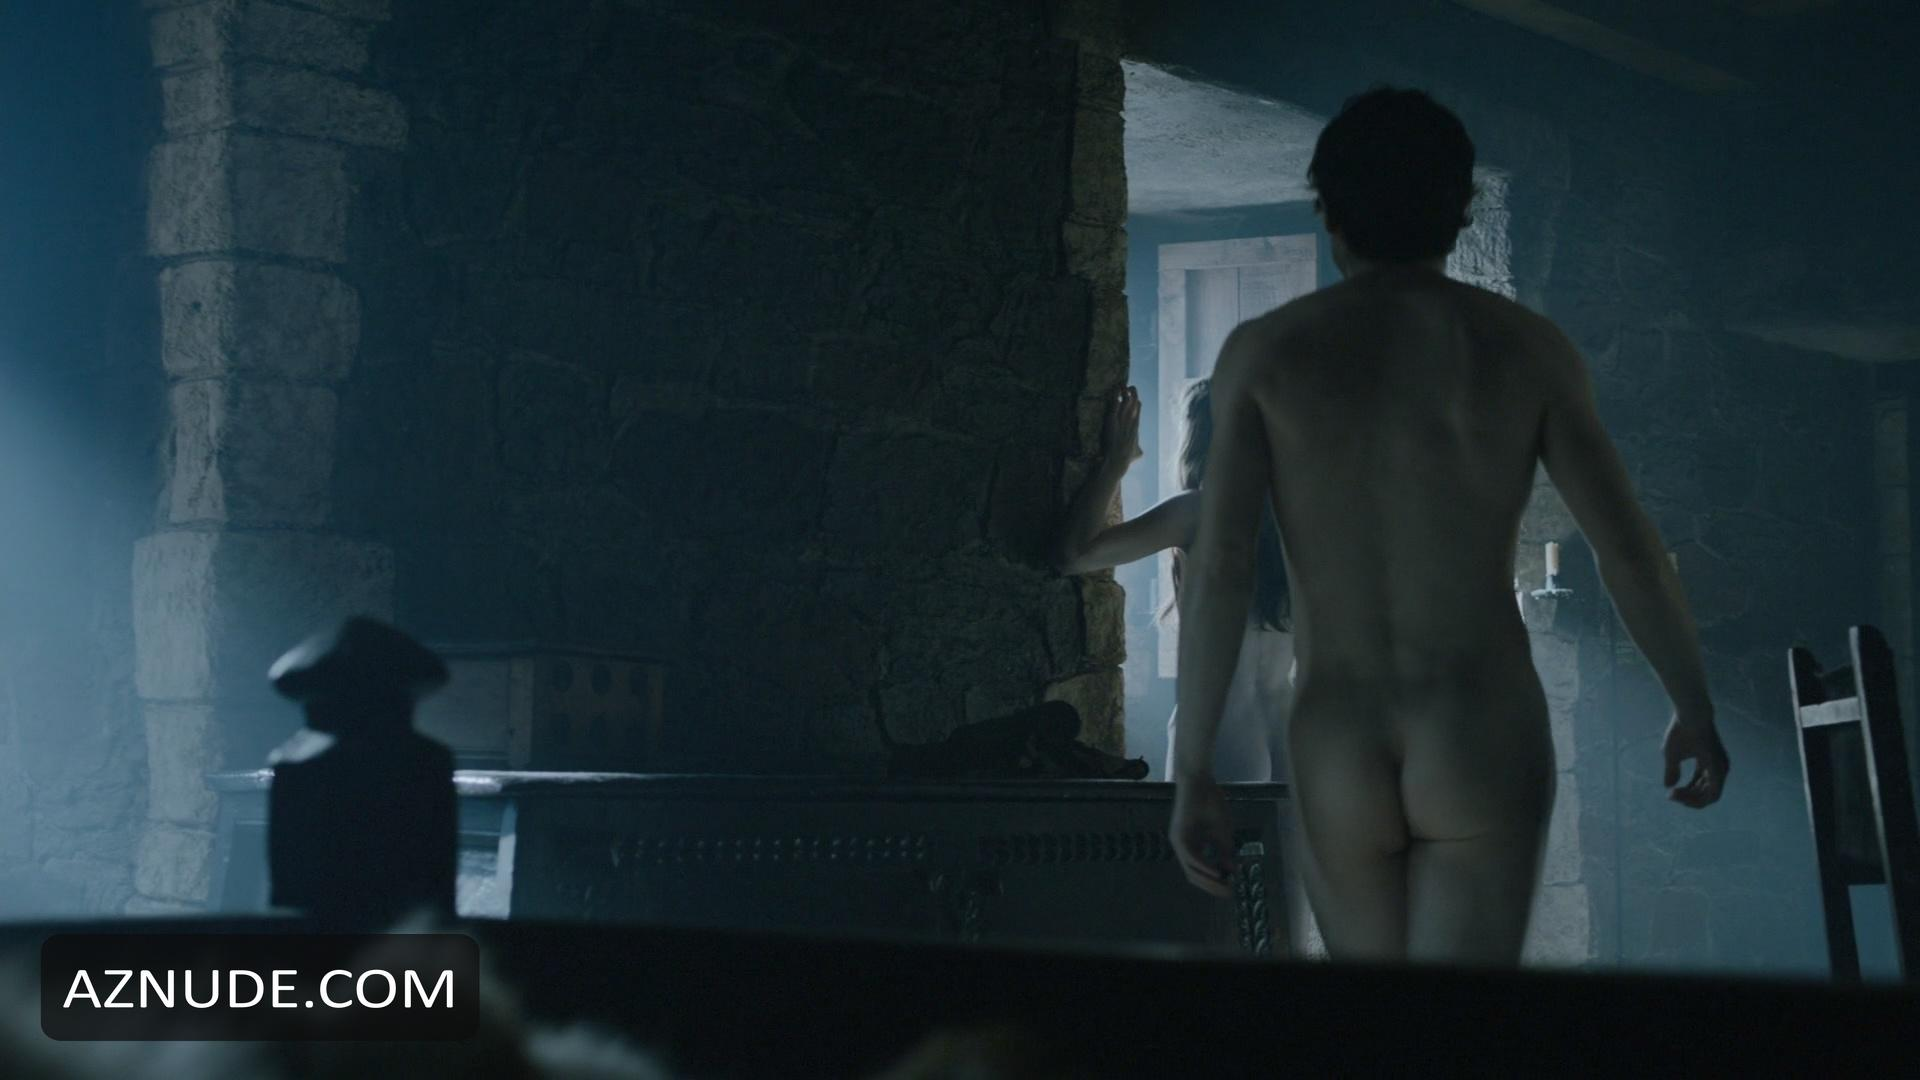 Iwan rheon nude